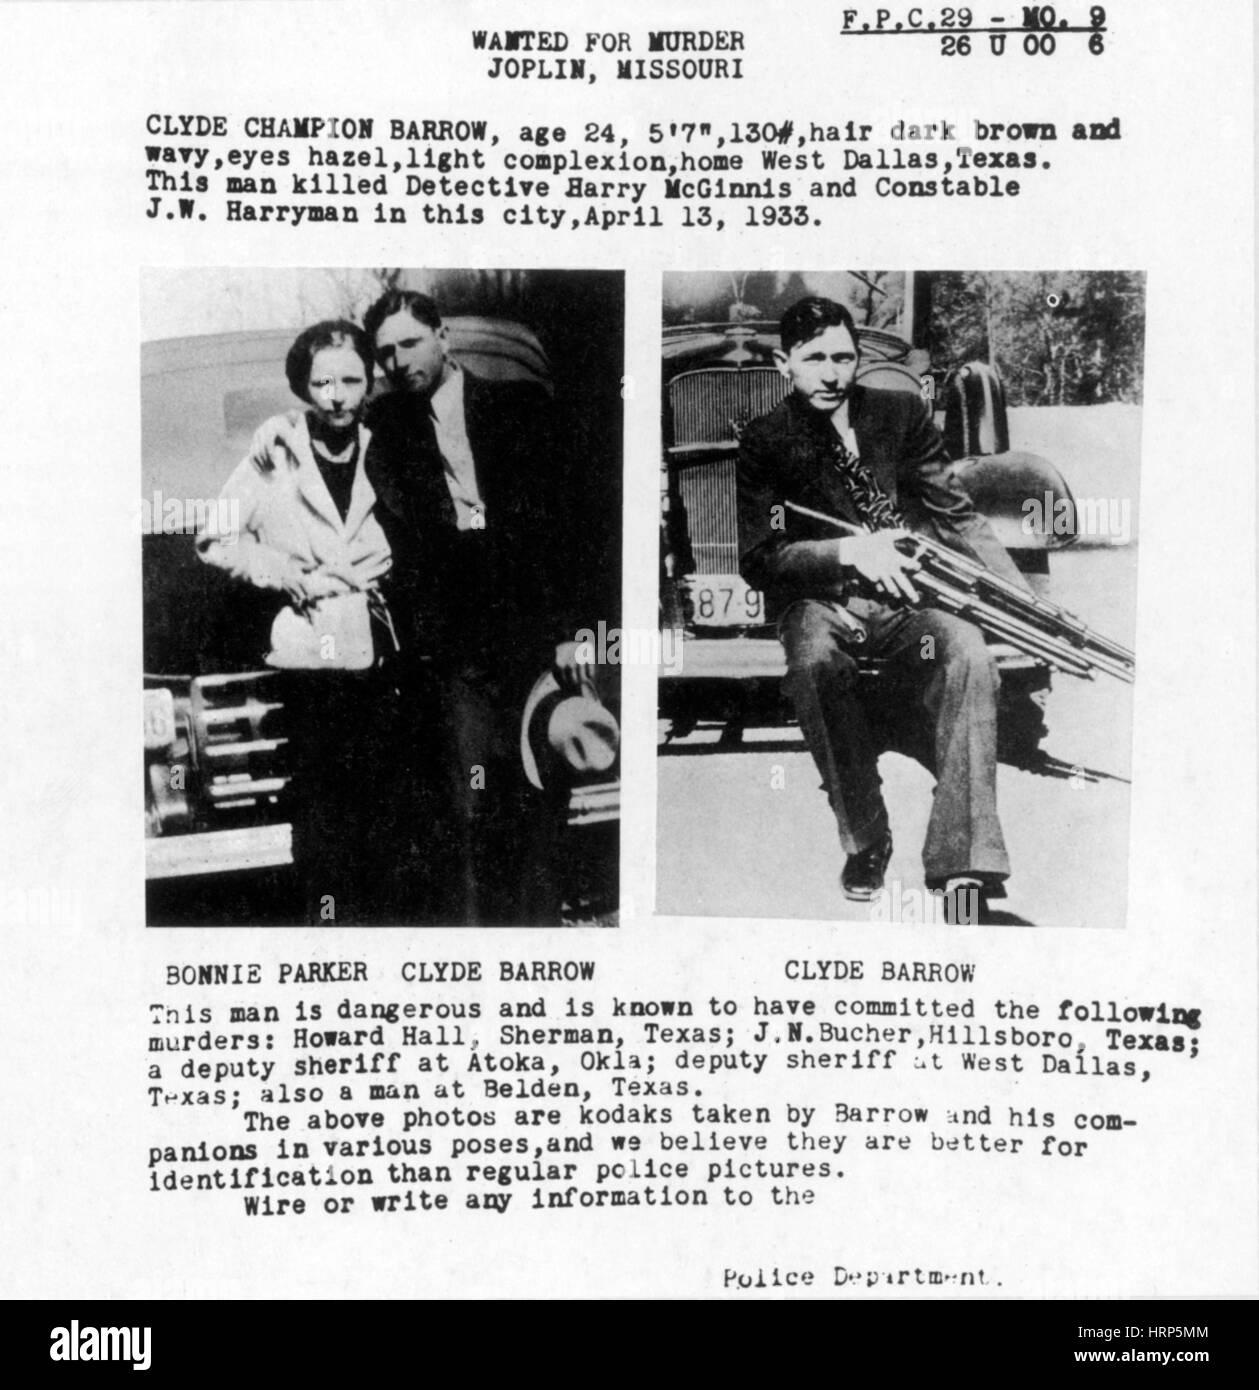 Bonnie e Clyde manifesto wanted, 1933 Immagini Stock